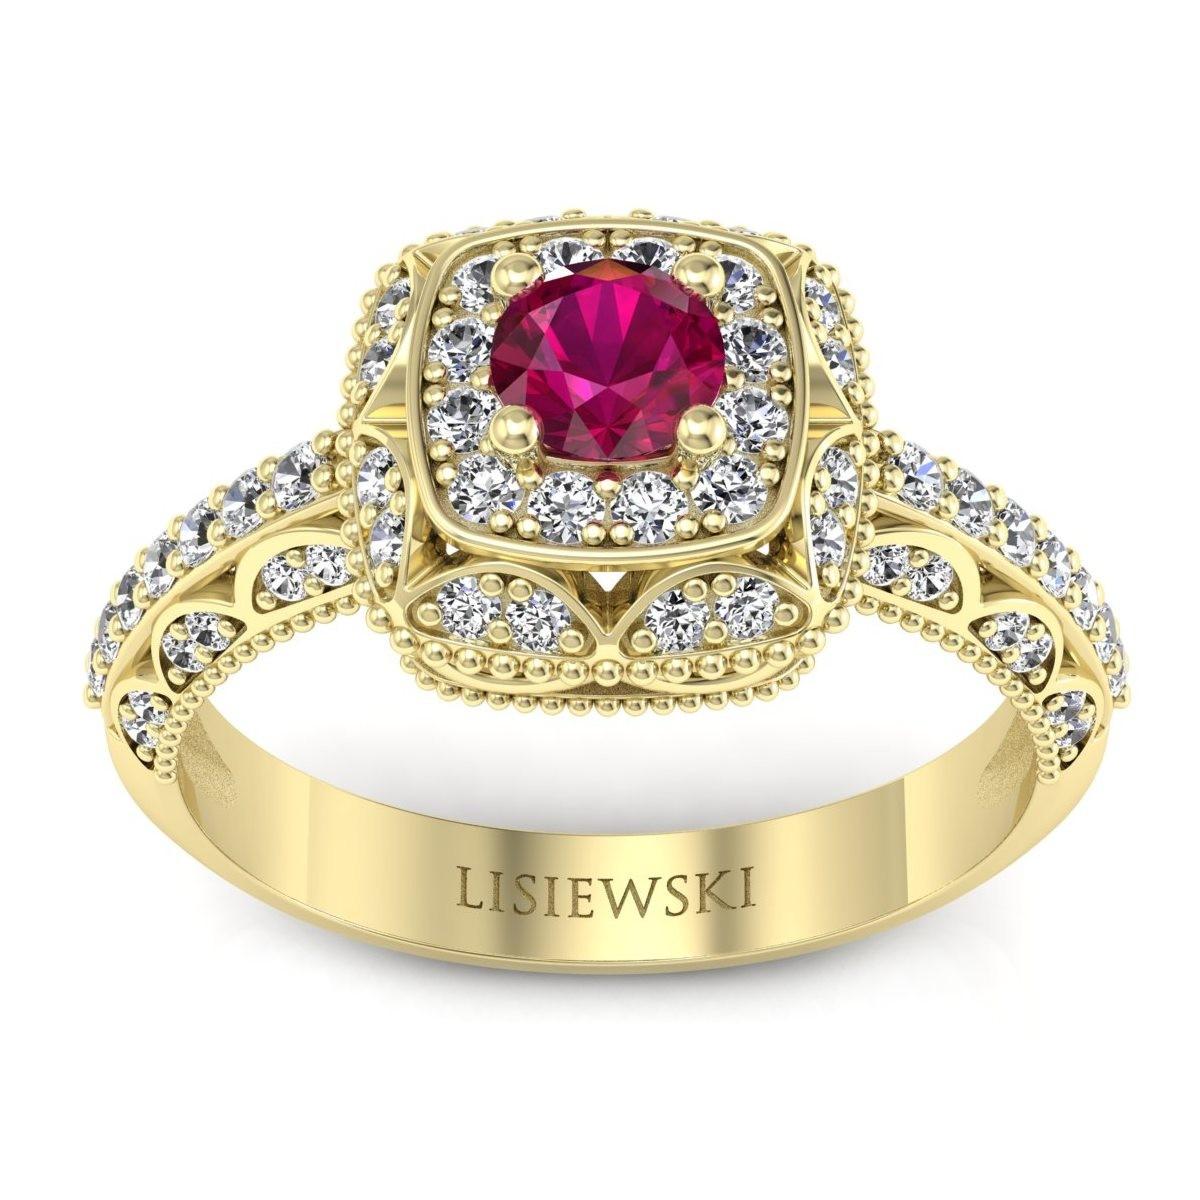 Elizabeth - Pierścionek z rubinem i diamentami złoty